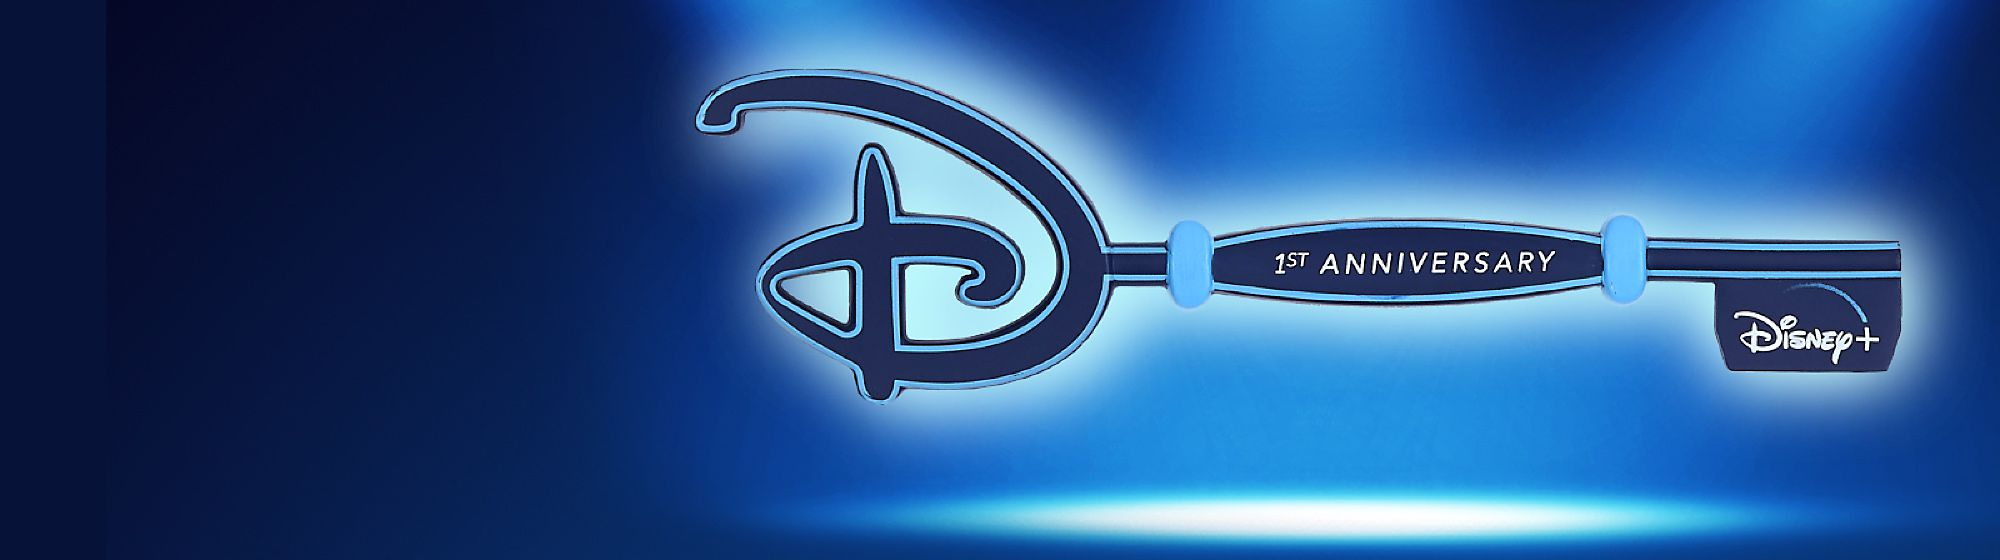 GRATIS Llave de Disney+ Por compras +20€ Código: DISNEYPLUS Hasta el lunes 19 de abril a las 09h | Hasta fin de existencias